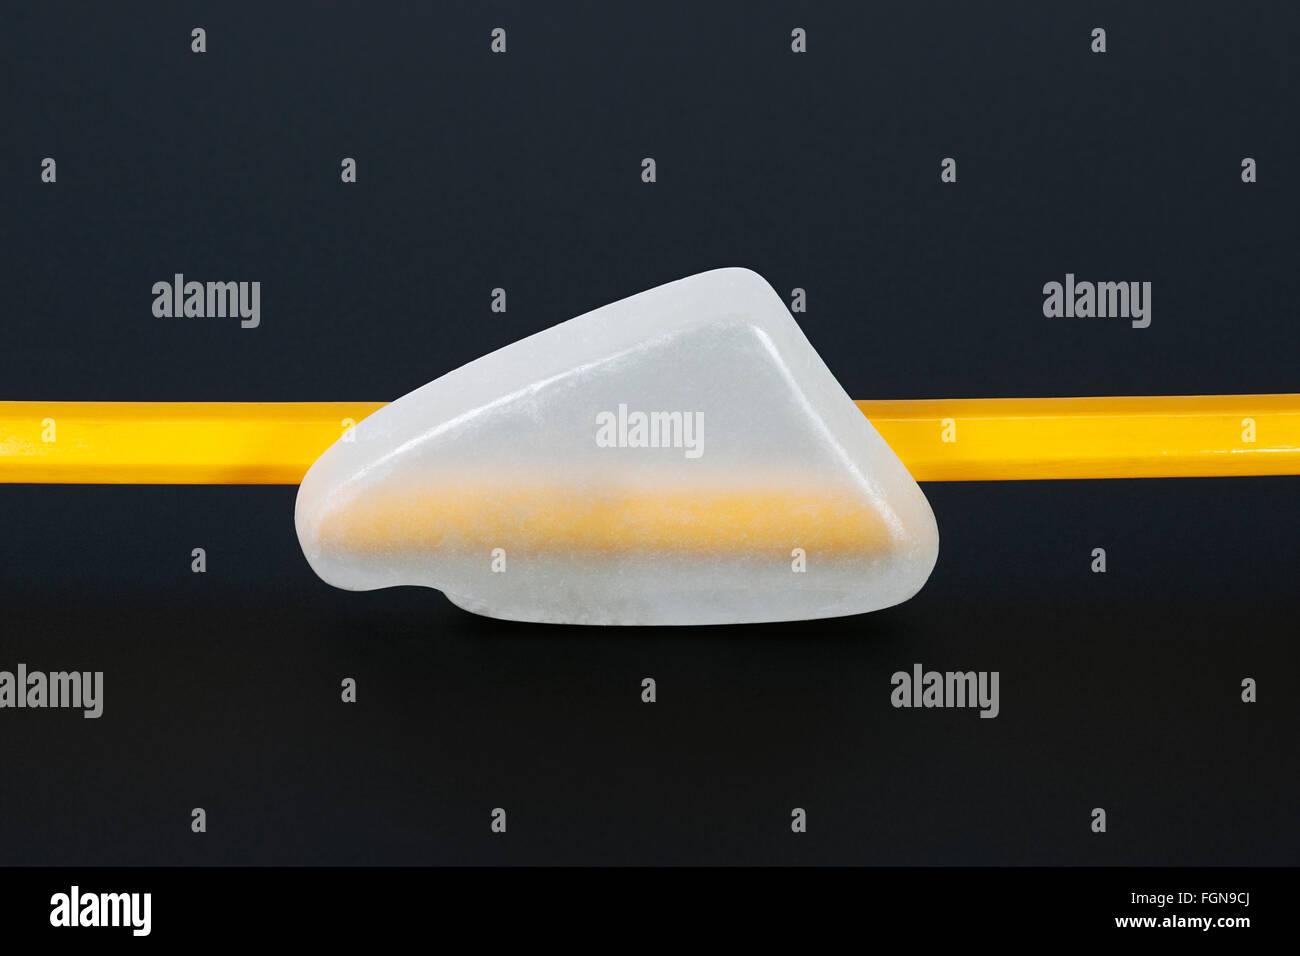 Demonstriert die optischen Eigenschaften der Ulexite Stockbild